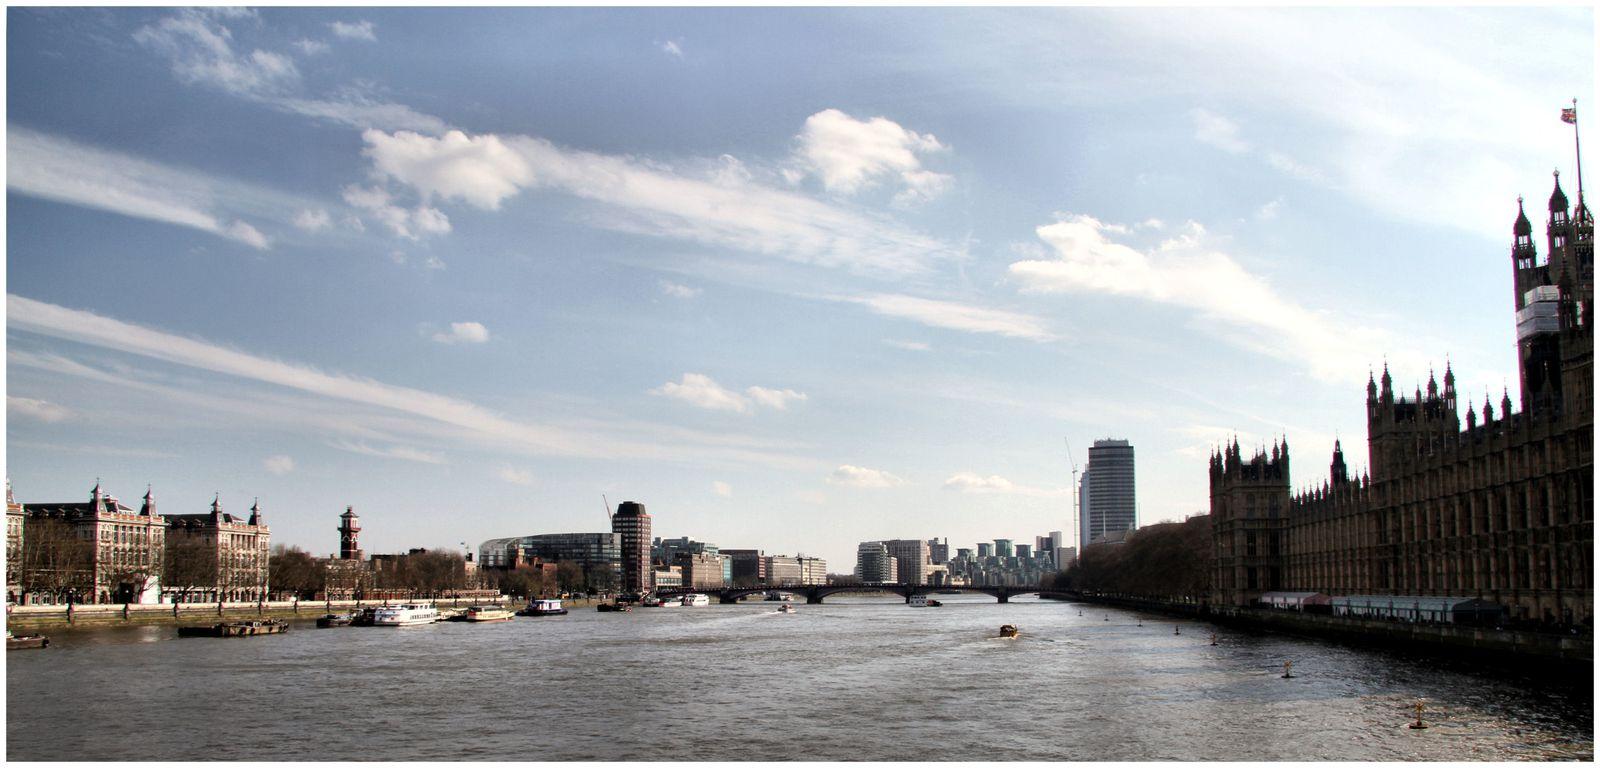 Le long de la Tamise dans le quartier de Westminster :Statue du Sphinx à aiguille de Cléopâtre sur Victoria Embankment, London Eye,